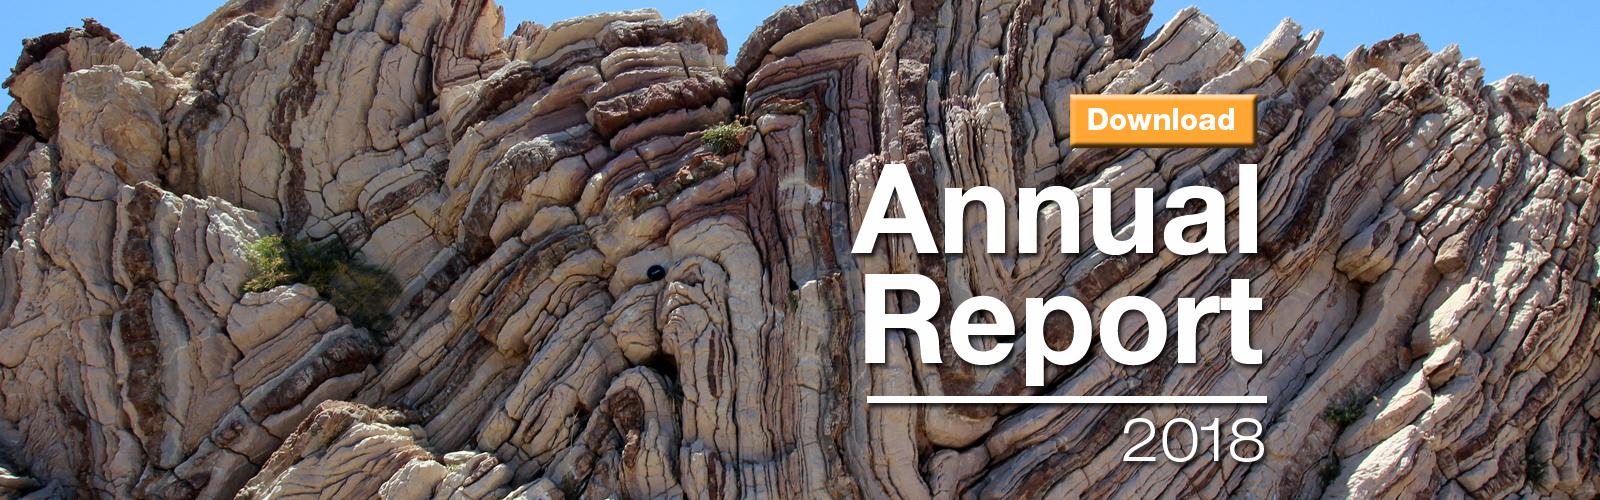 Slider_AnnualReport2018_1600x500